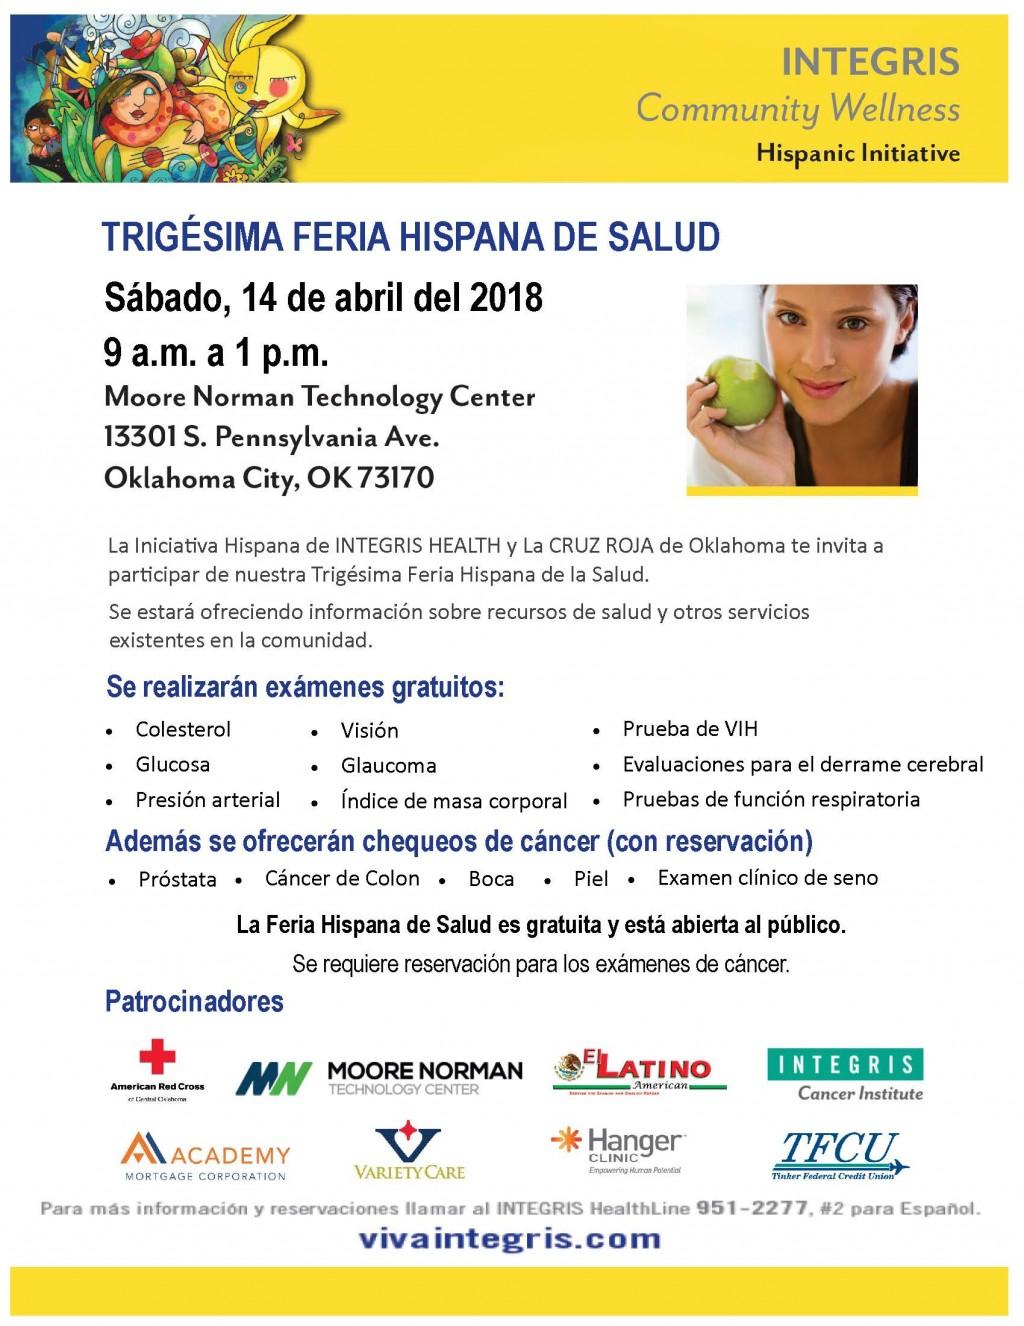 TREINTA AÑOS OFRECIENDO SALUD  Feria Hispana de la Salud 14 DE ABRIL